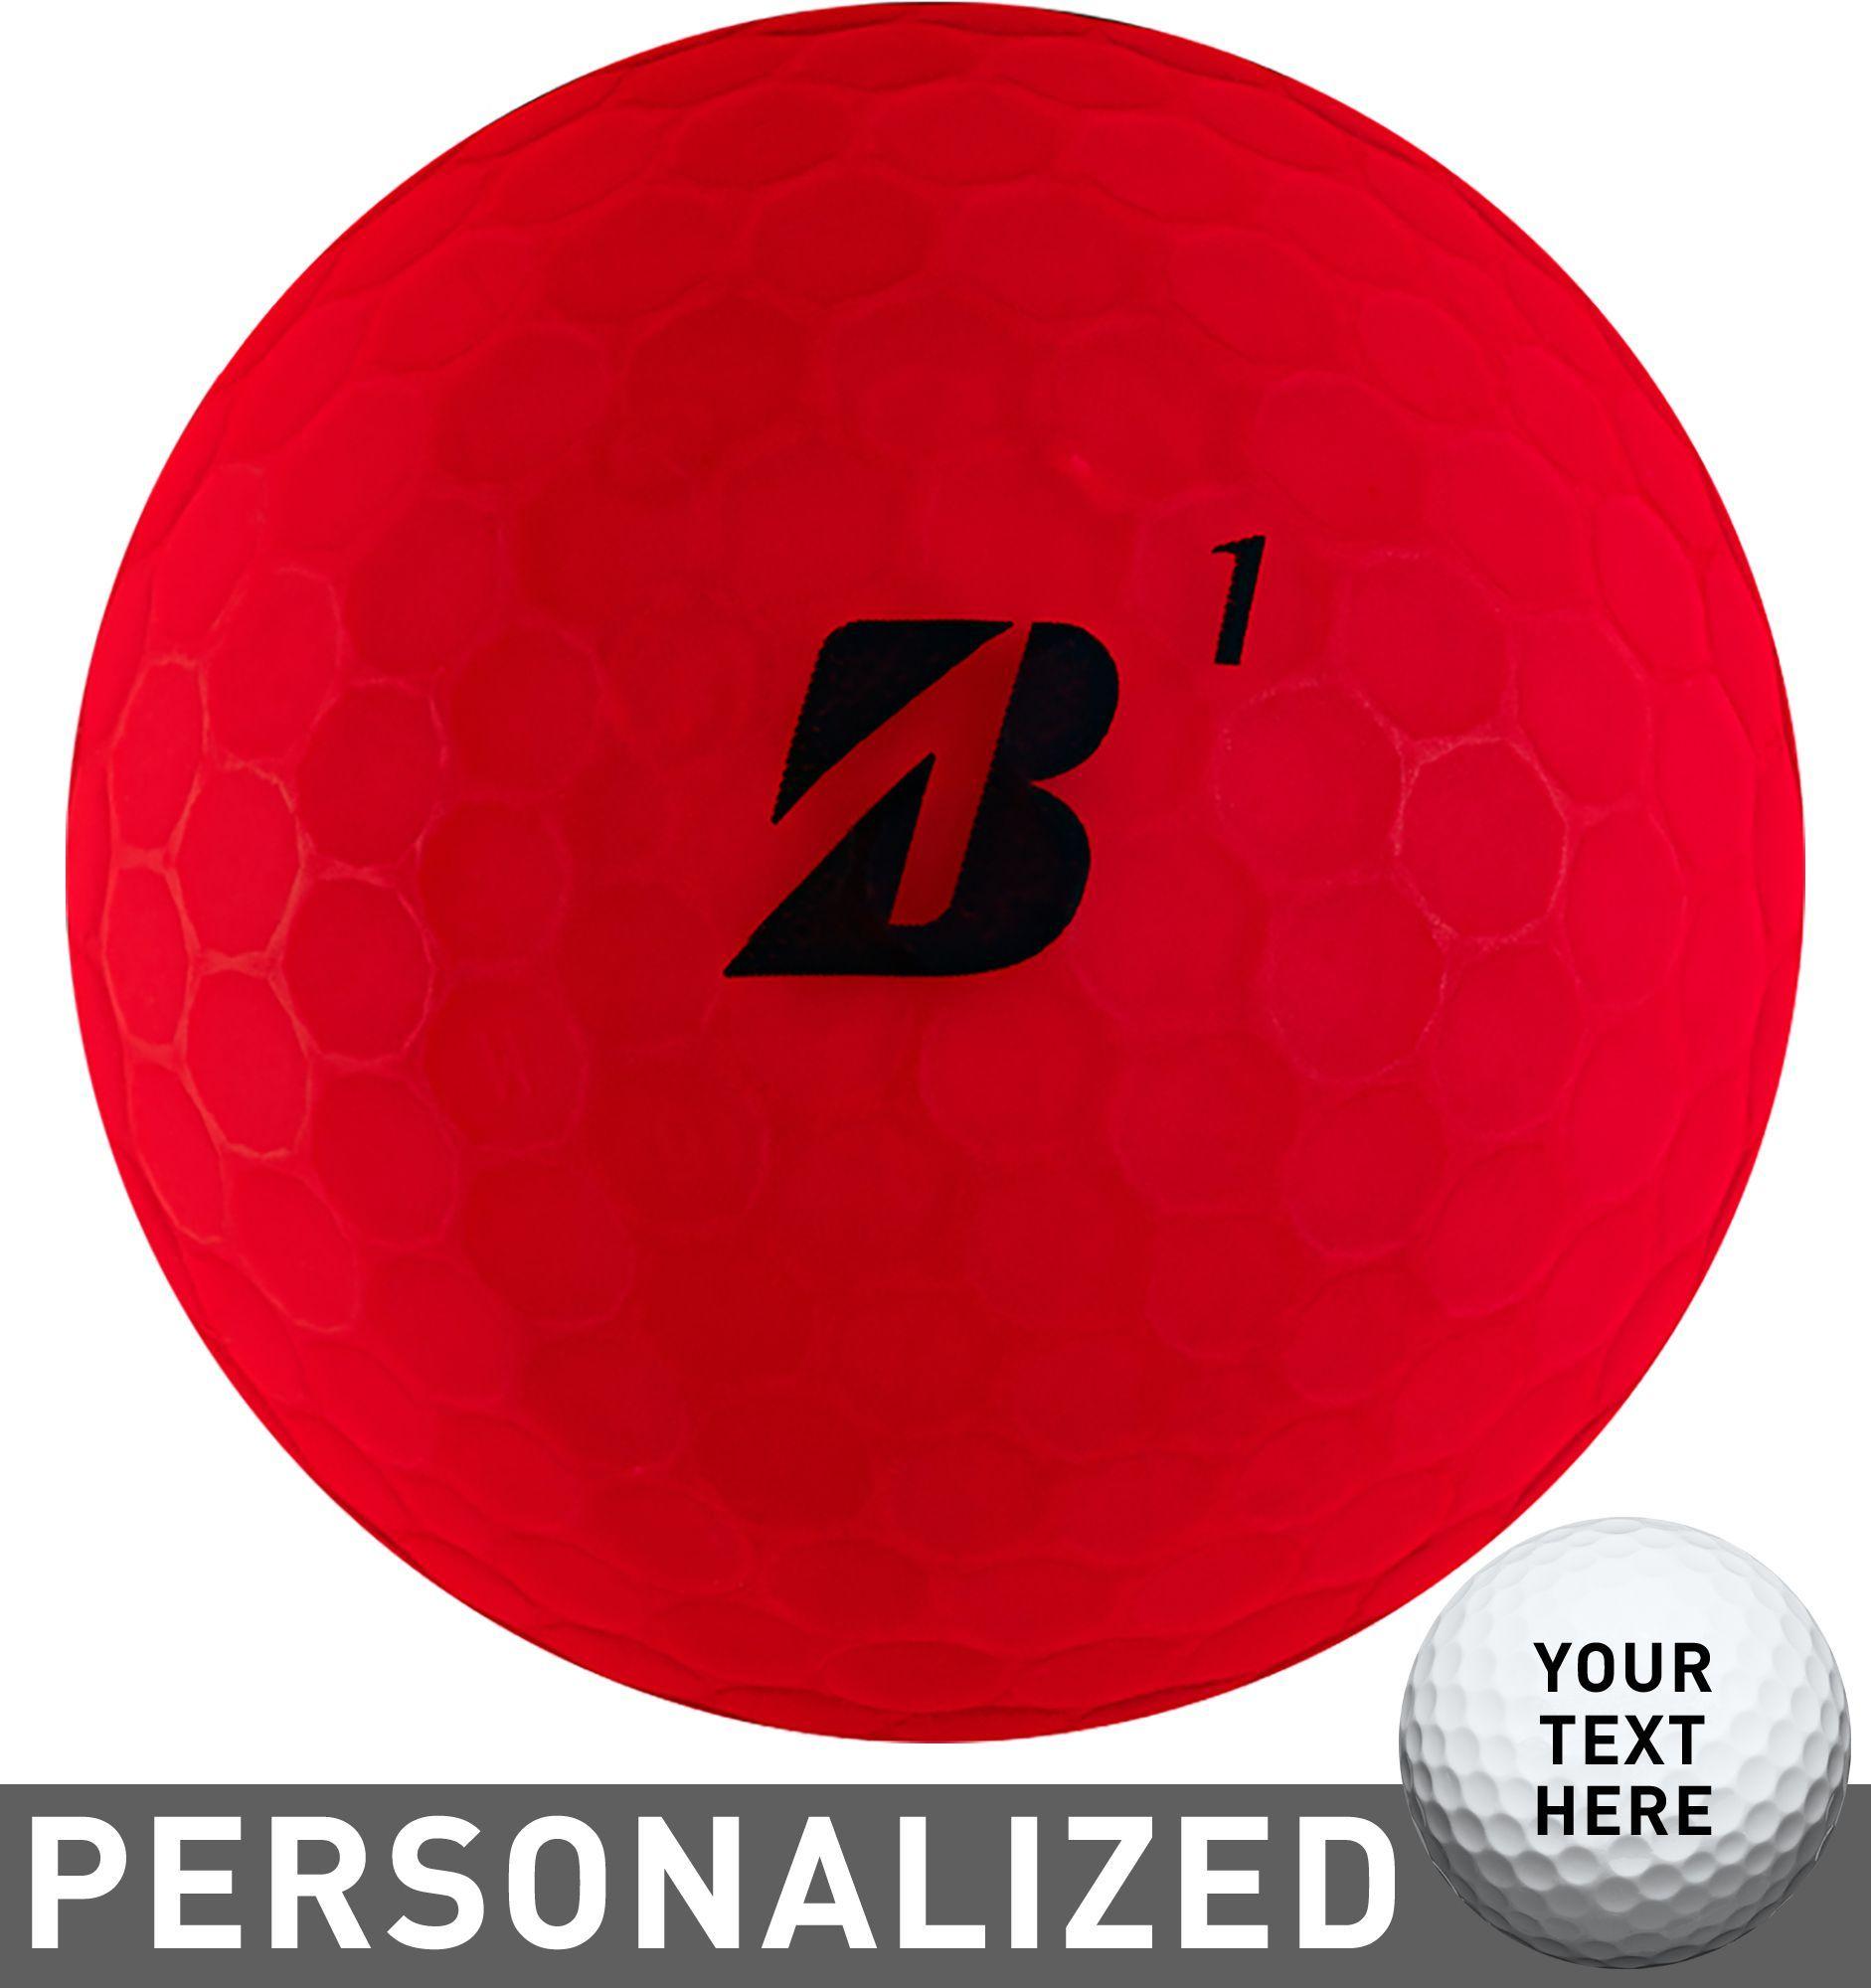 15+ Bridgestone matte red golf balls ideas in 2021